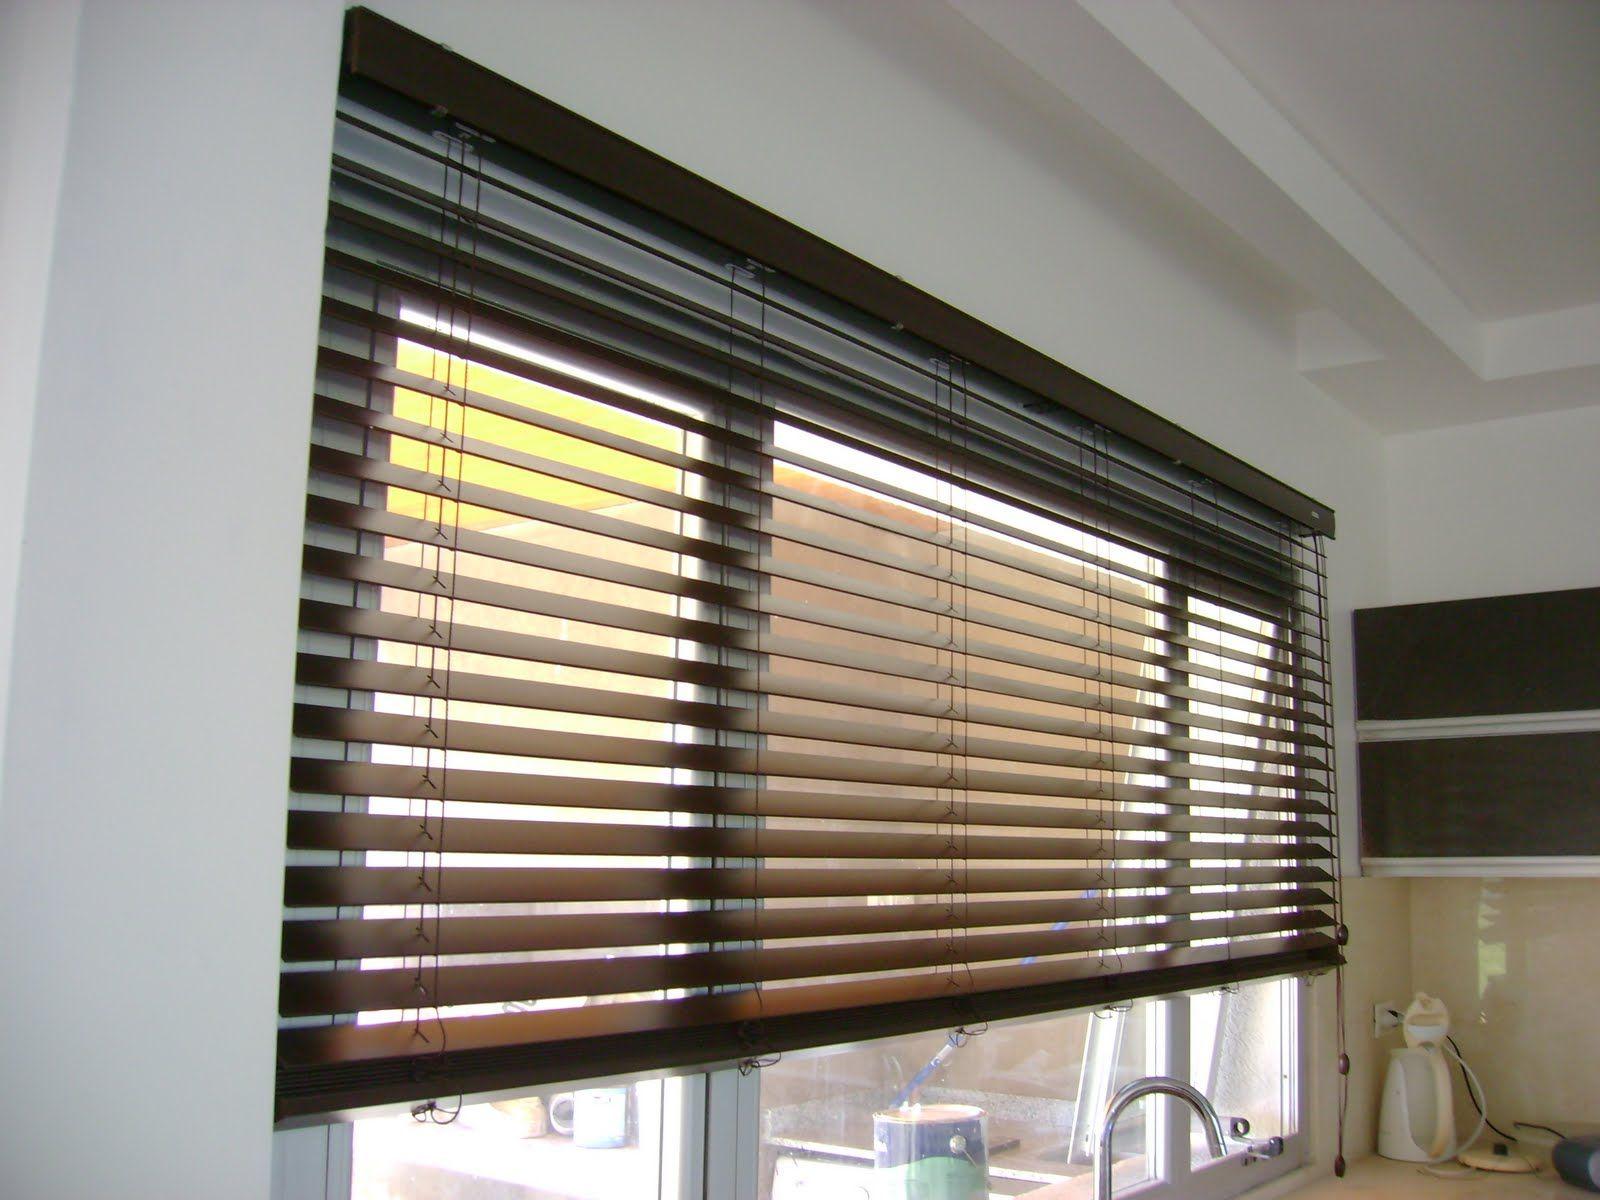 Cortina veneciana de lamas horizontales en madera o - Lamas persianas aluminio ...